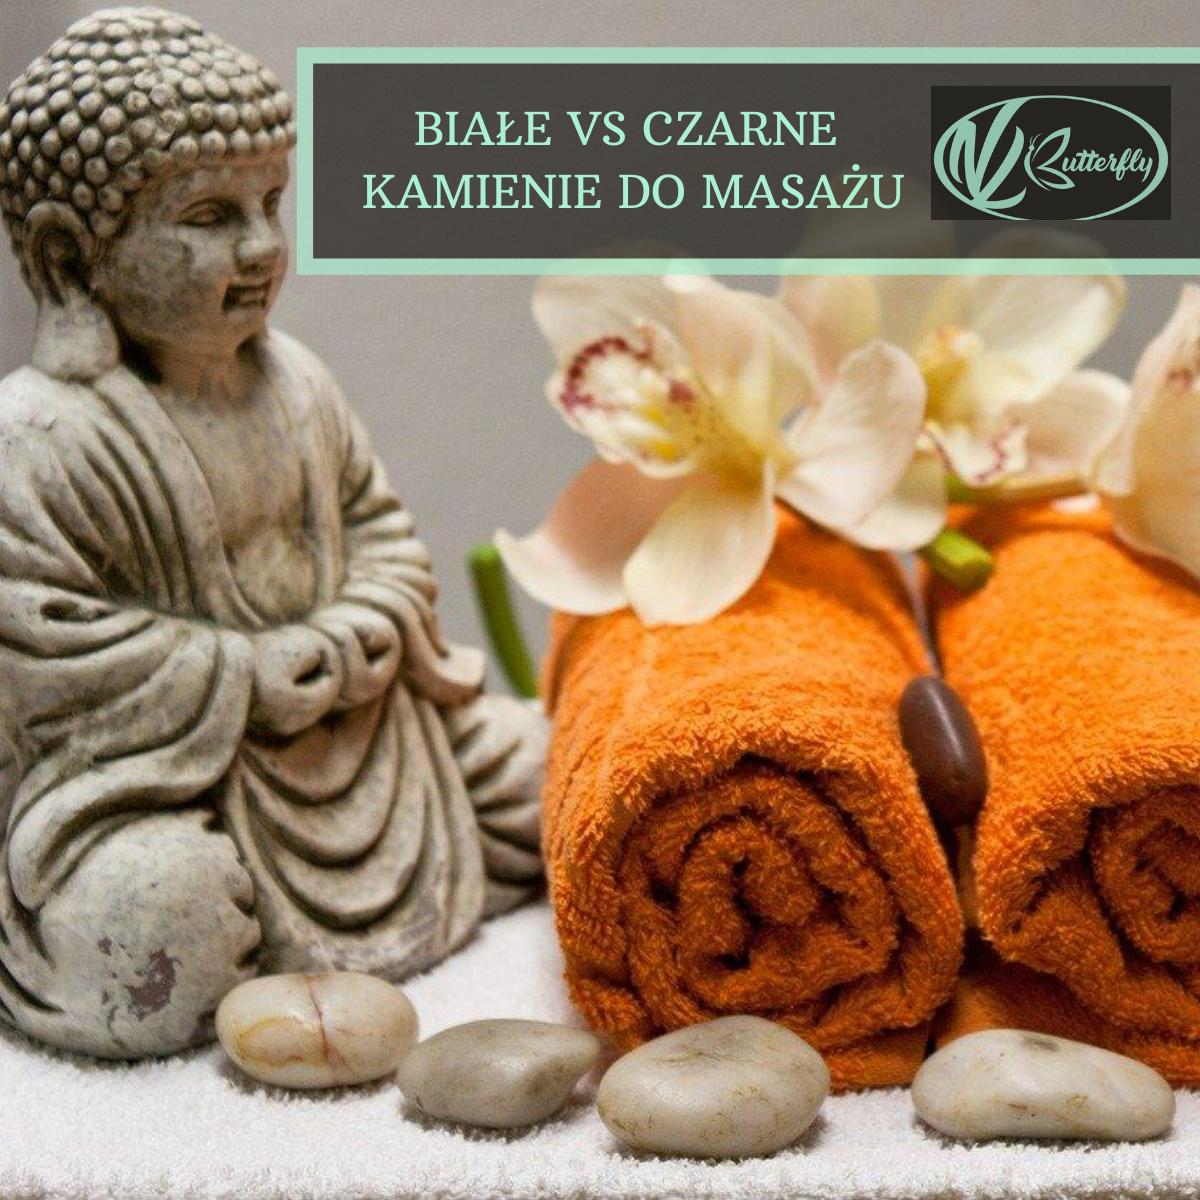 Różnica między białymi a czarnymi kamieniami do masażu